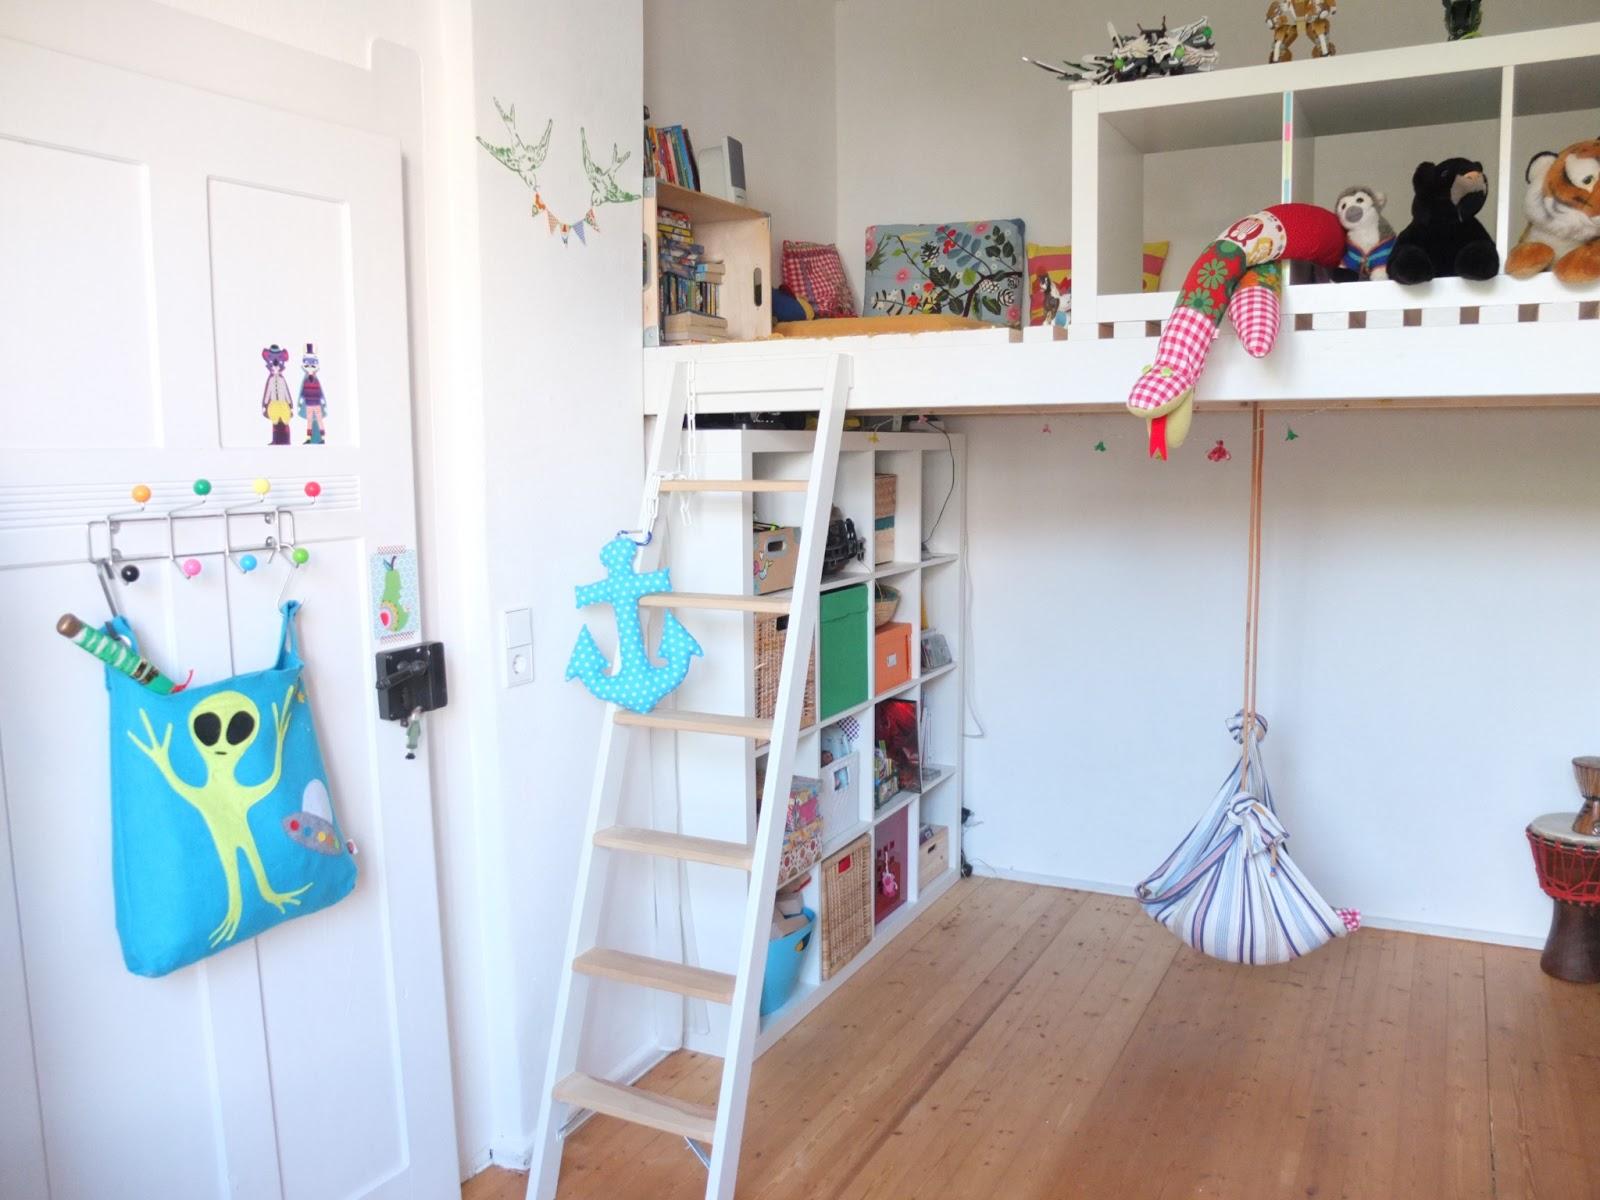 jans schwester streichlaune noch mehr anker. Black Bedroom Furniture Sets. Home Design Ideas